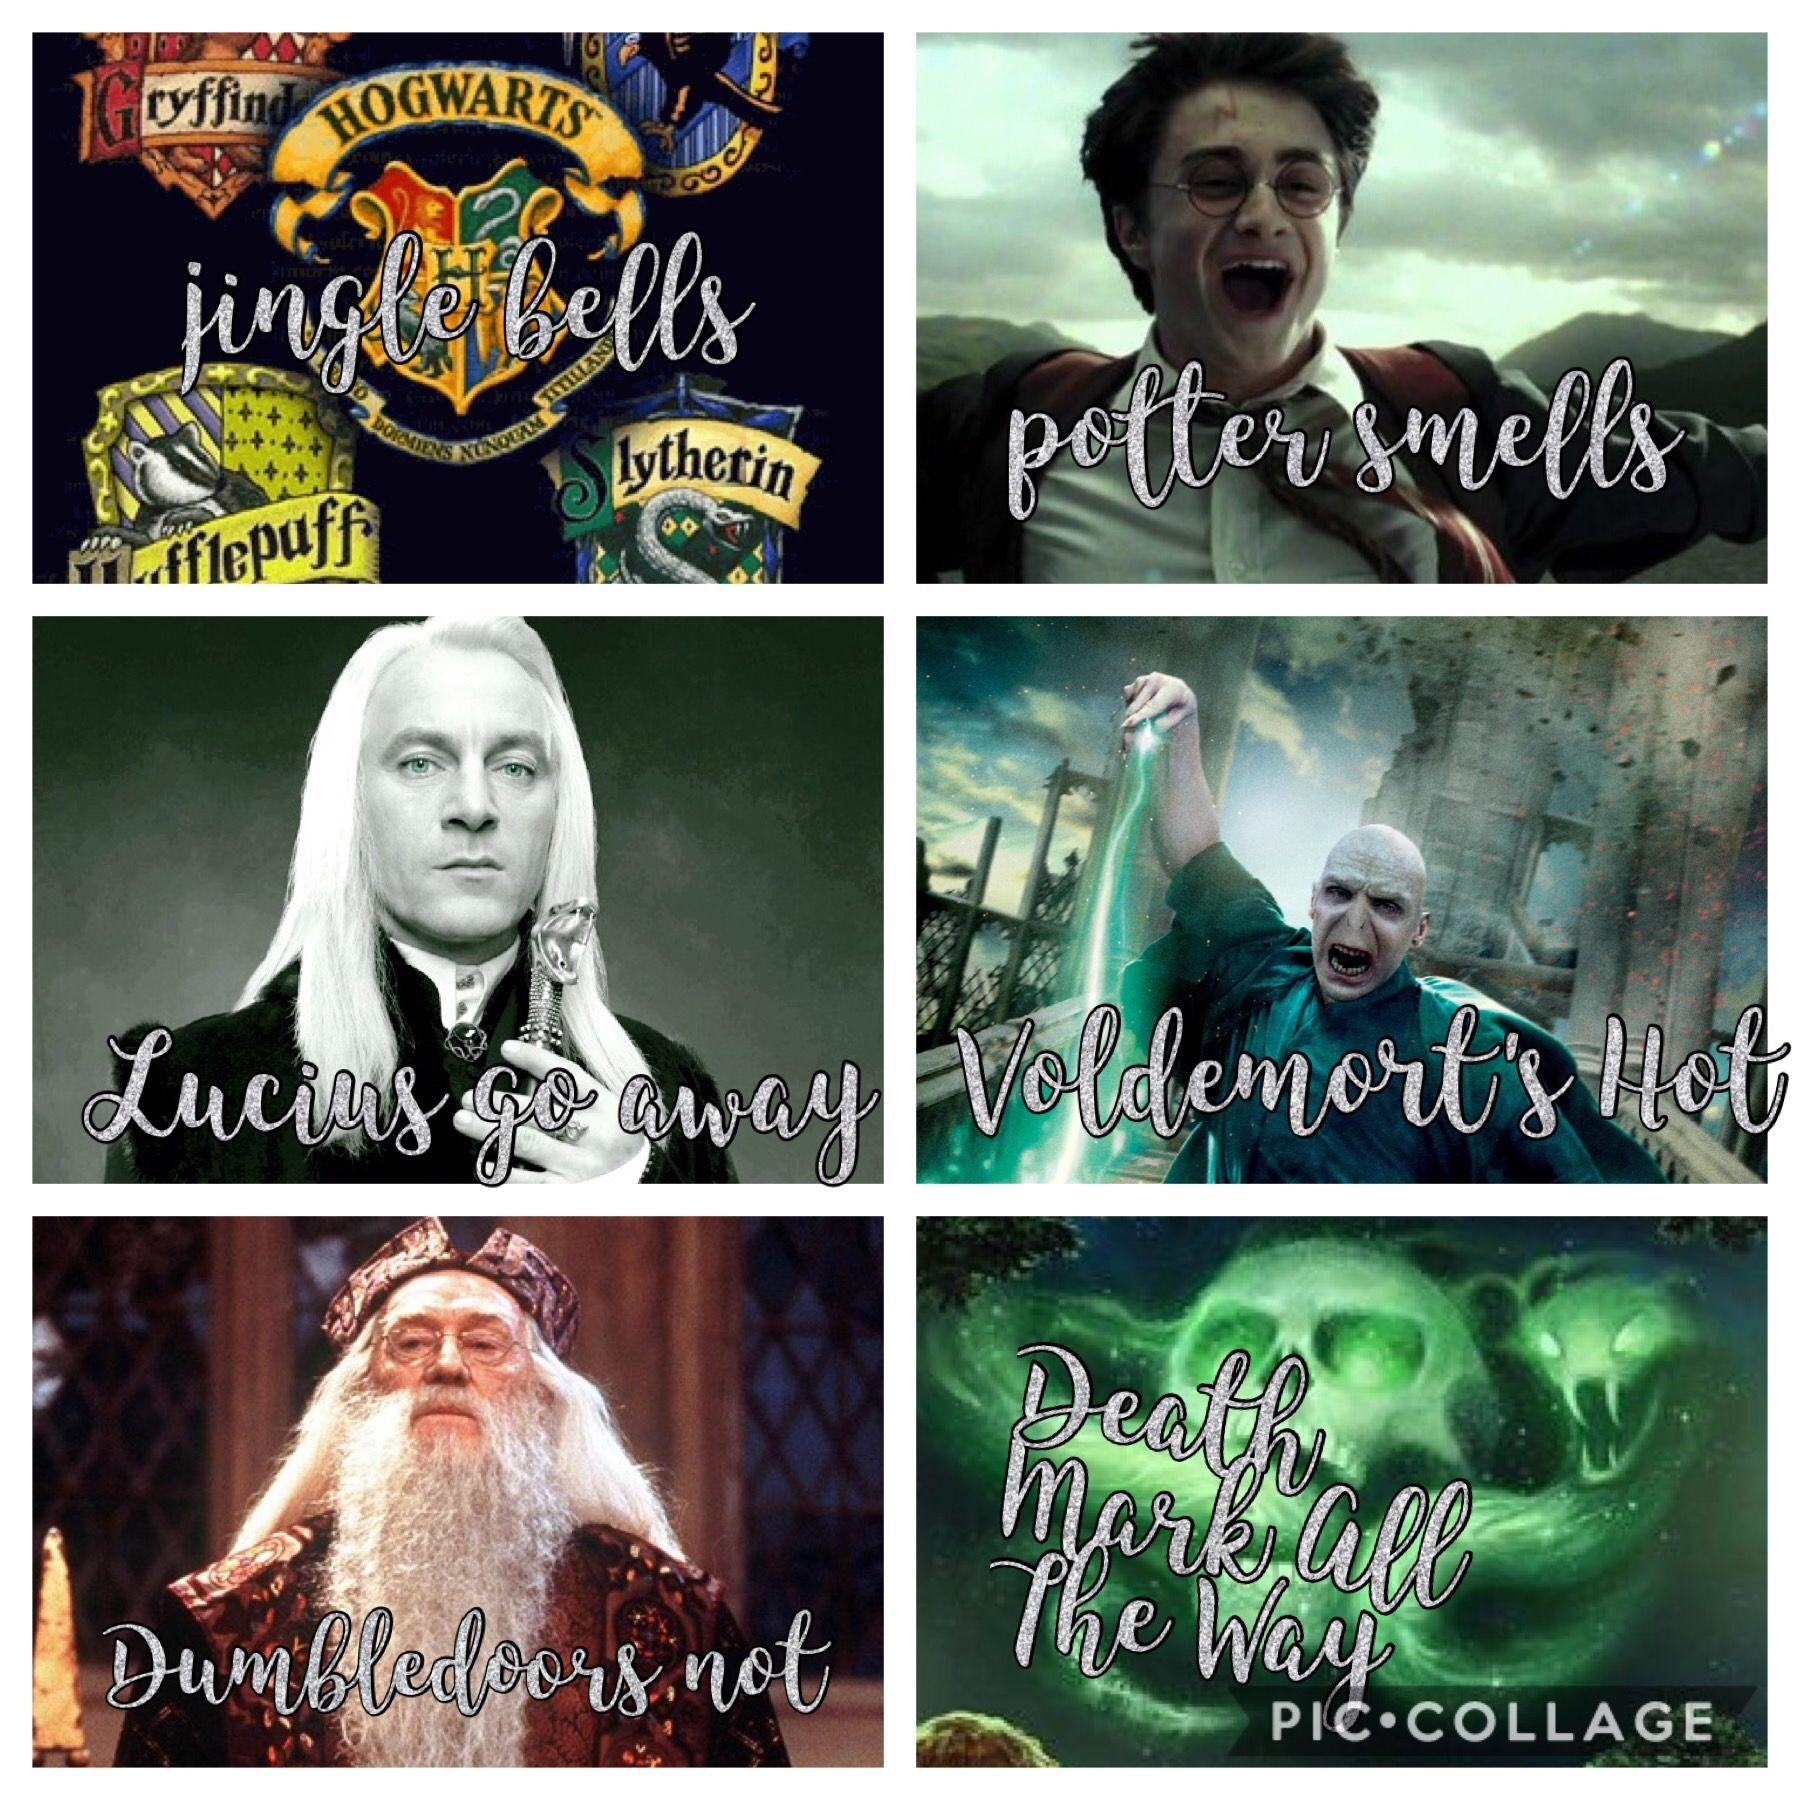 Pin By Mrsa8114 On Harry Potter Harry Potter Fanfiction Harry Potter Memes Harry Potter Jokes